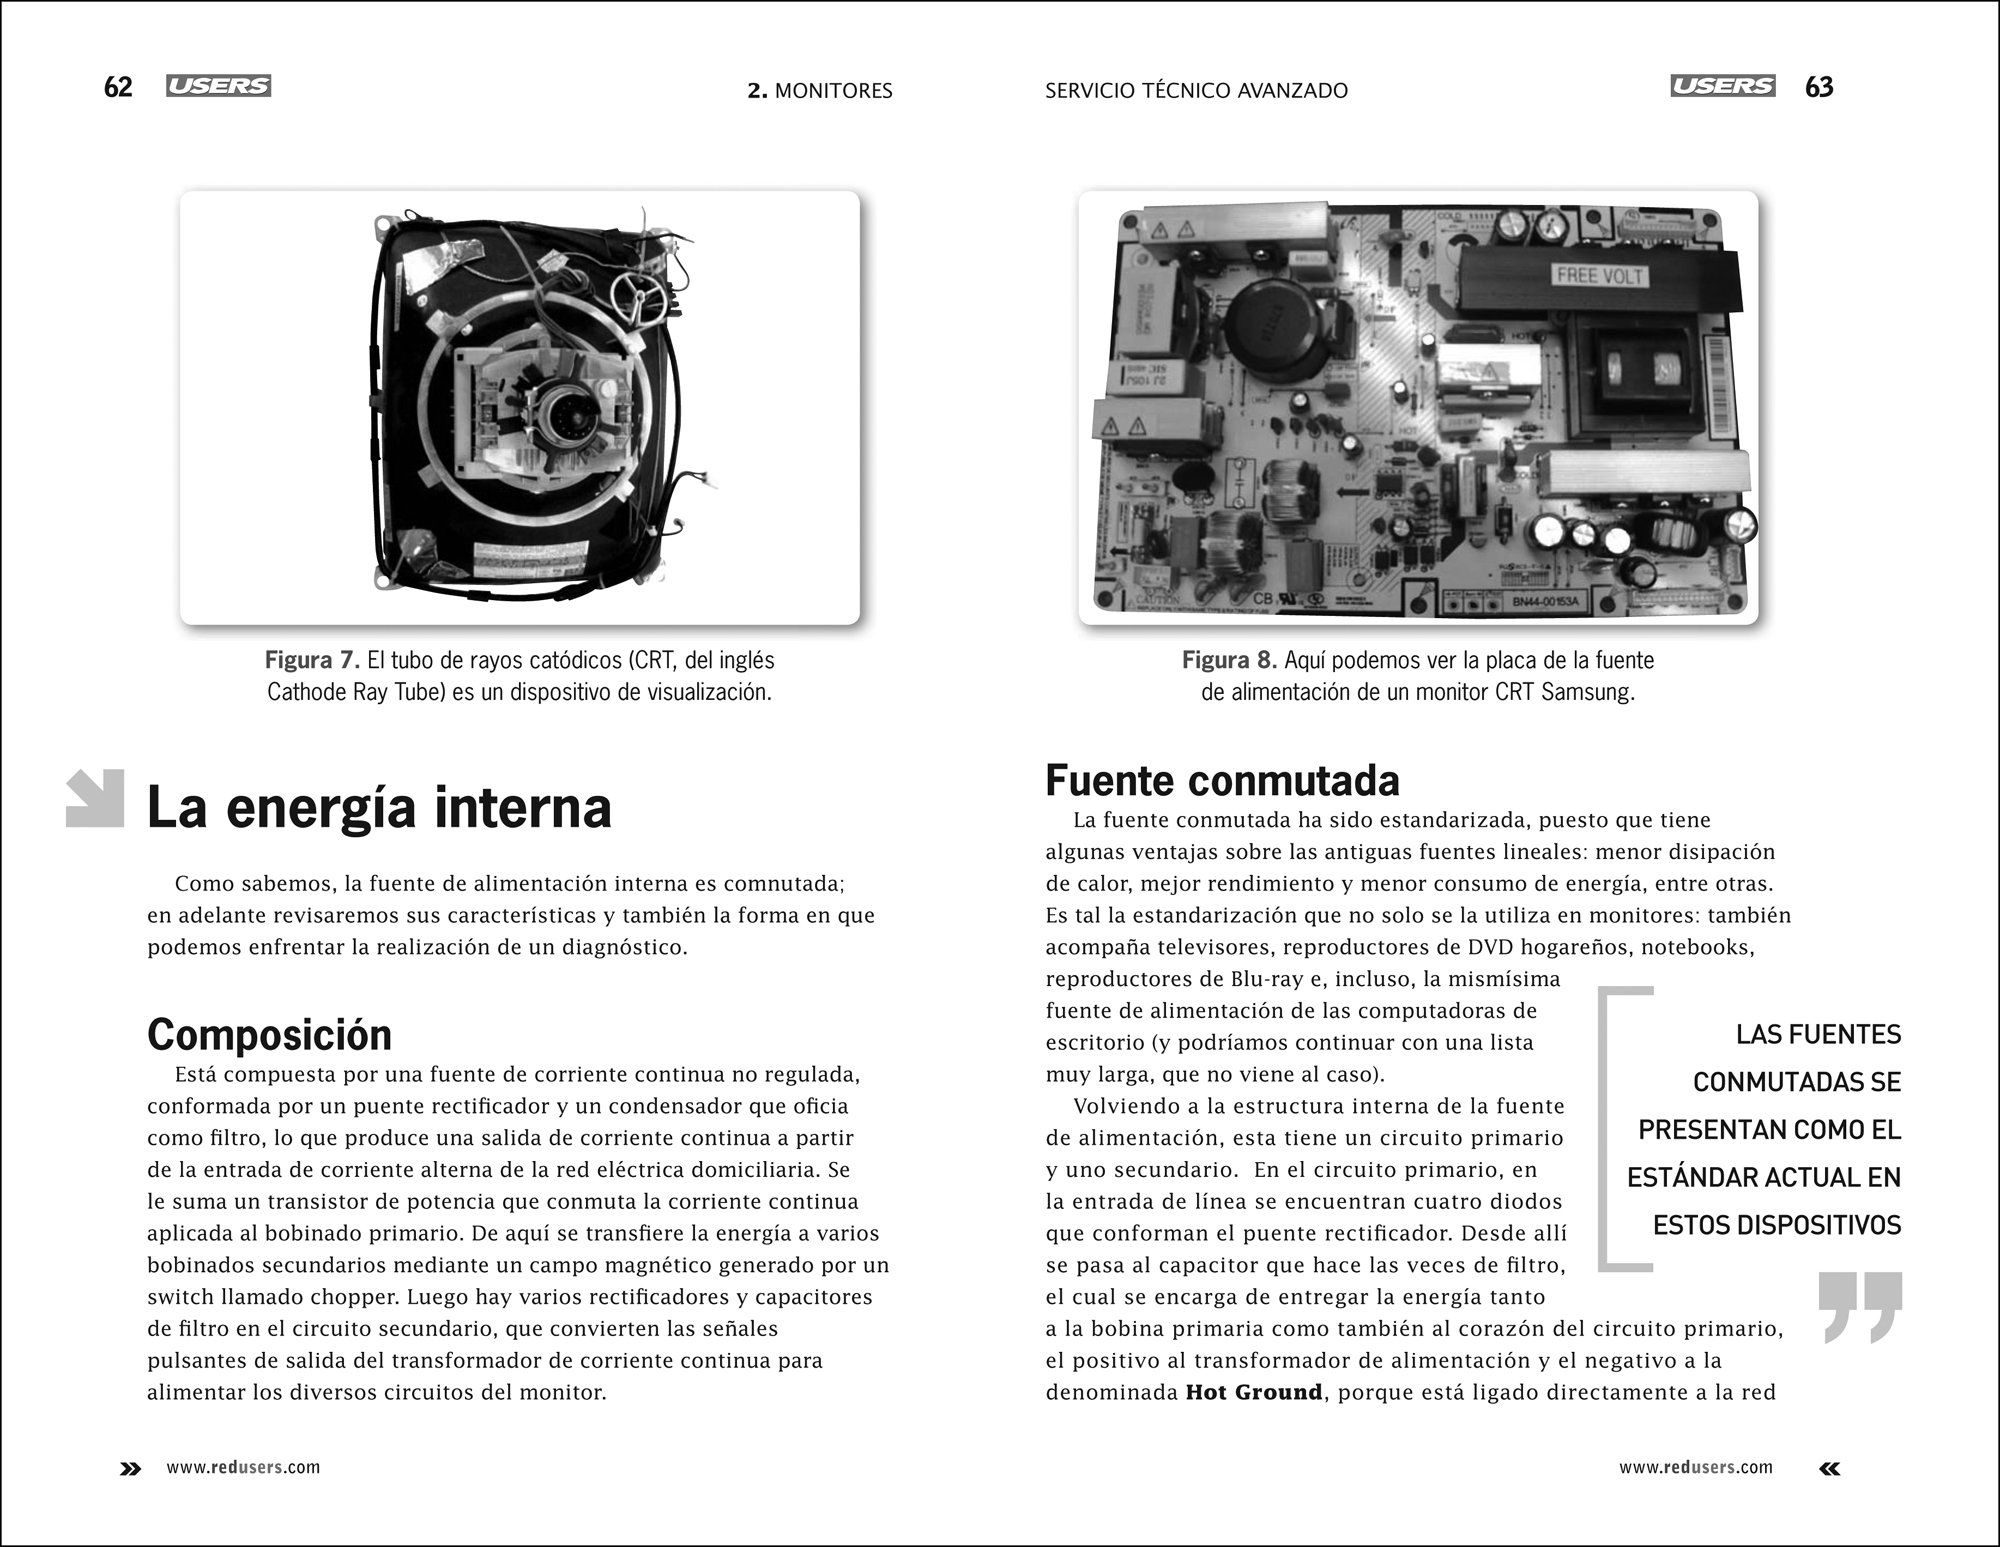 Servicio técnico avanzado: 2da edición (Spanish Edition): Users Staff, USERS, Español Espanol Espaniol, Libro libros Manual computación computer computador ...